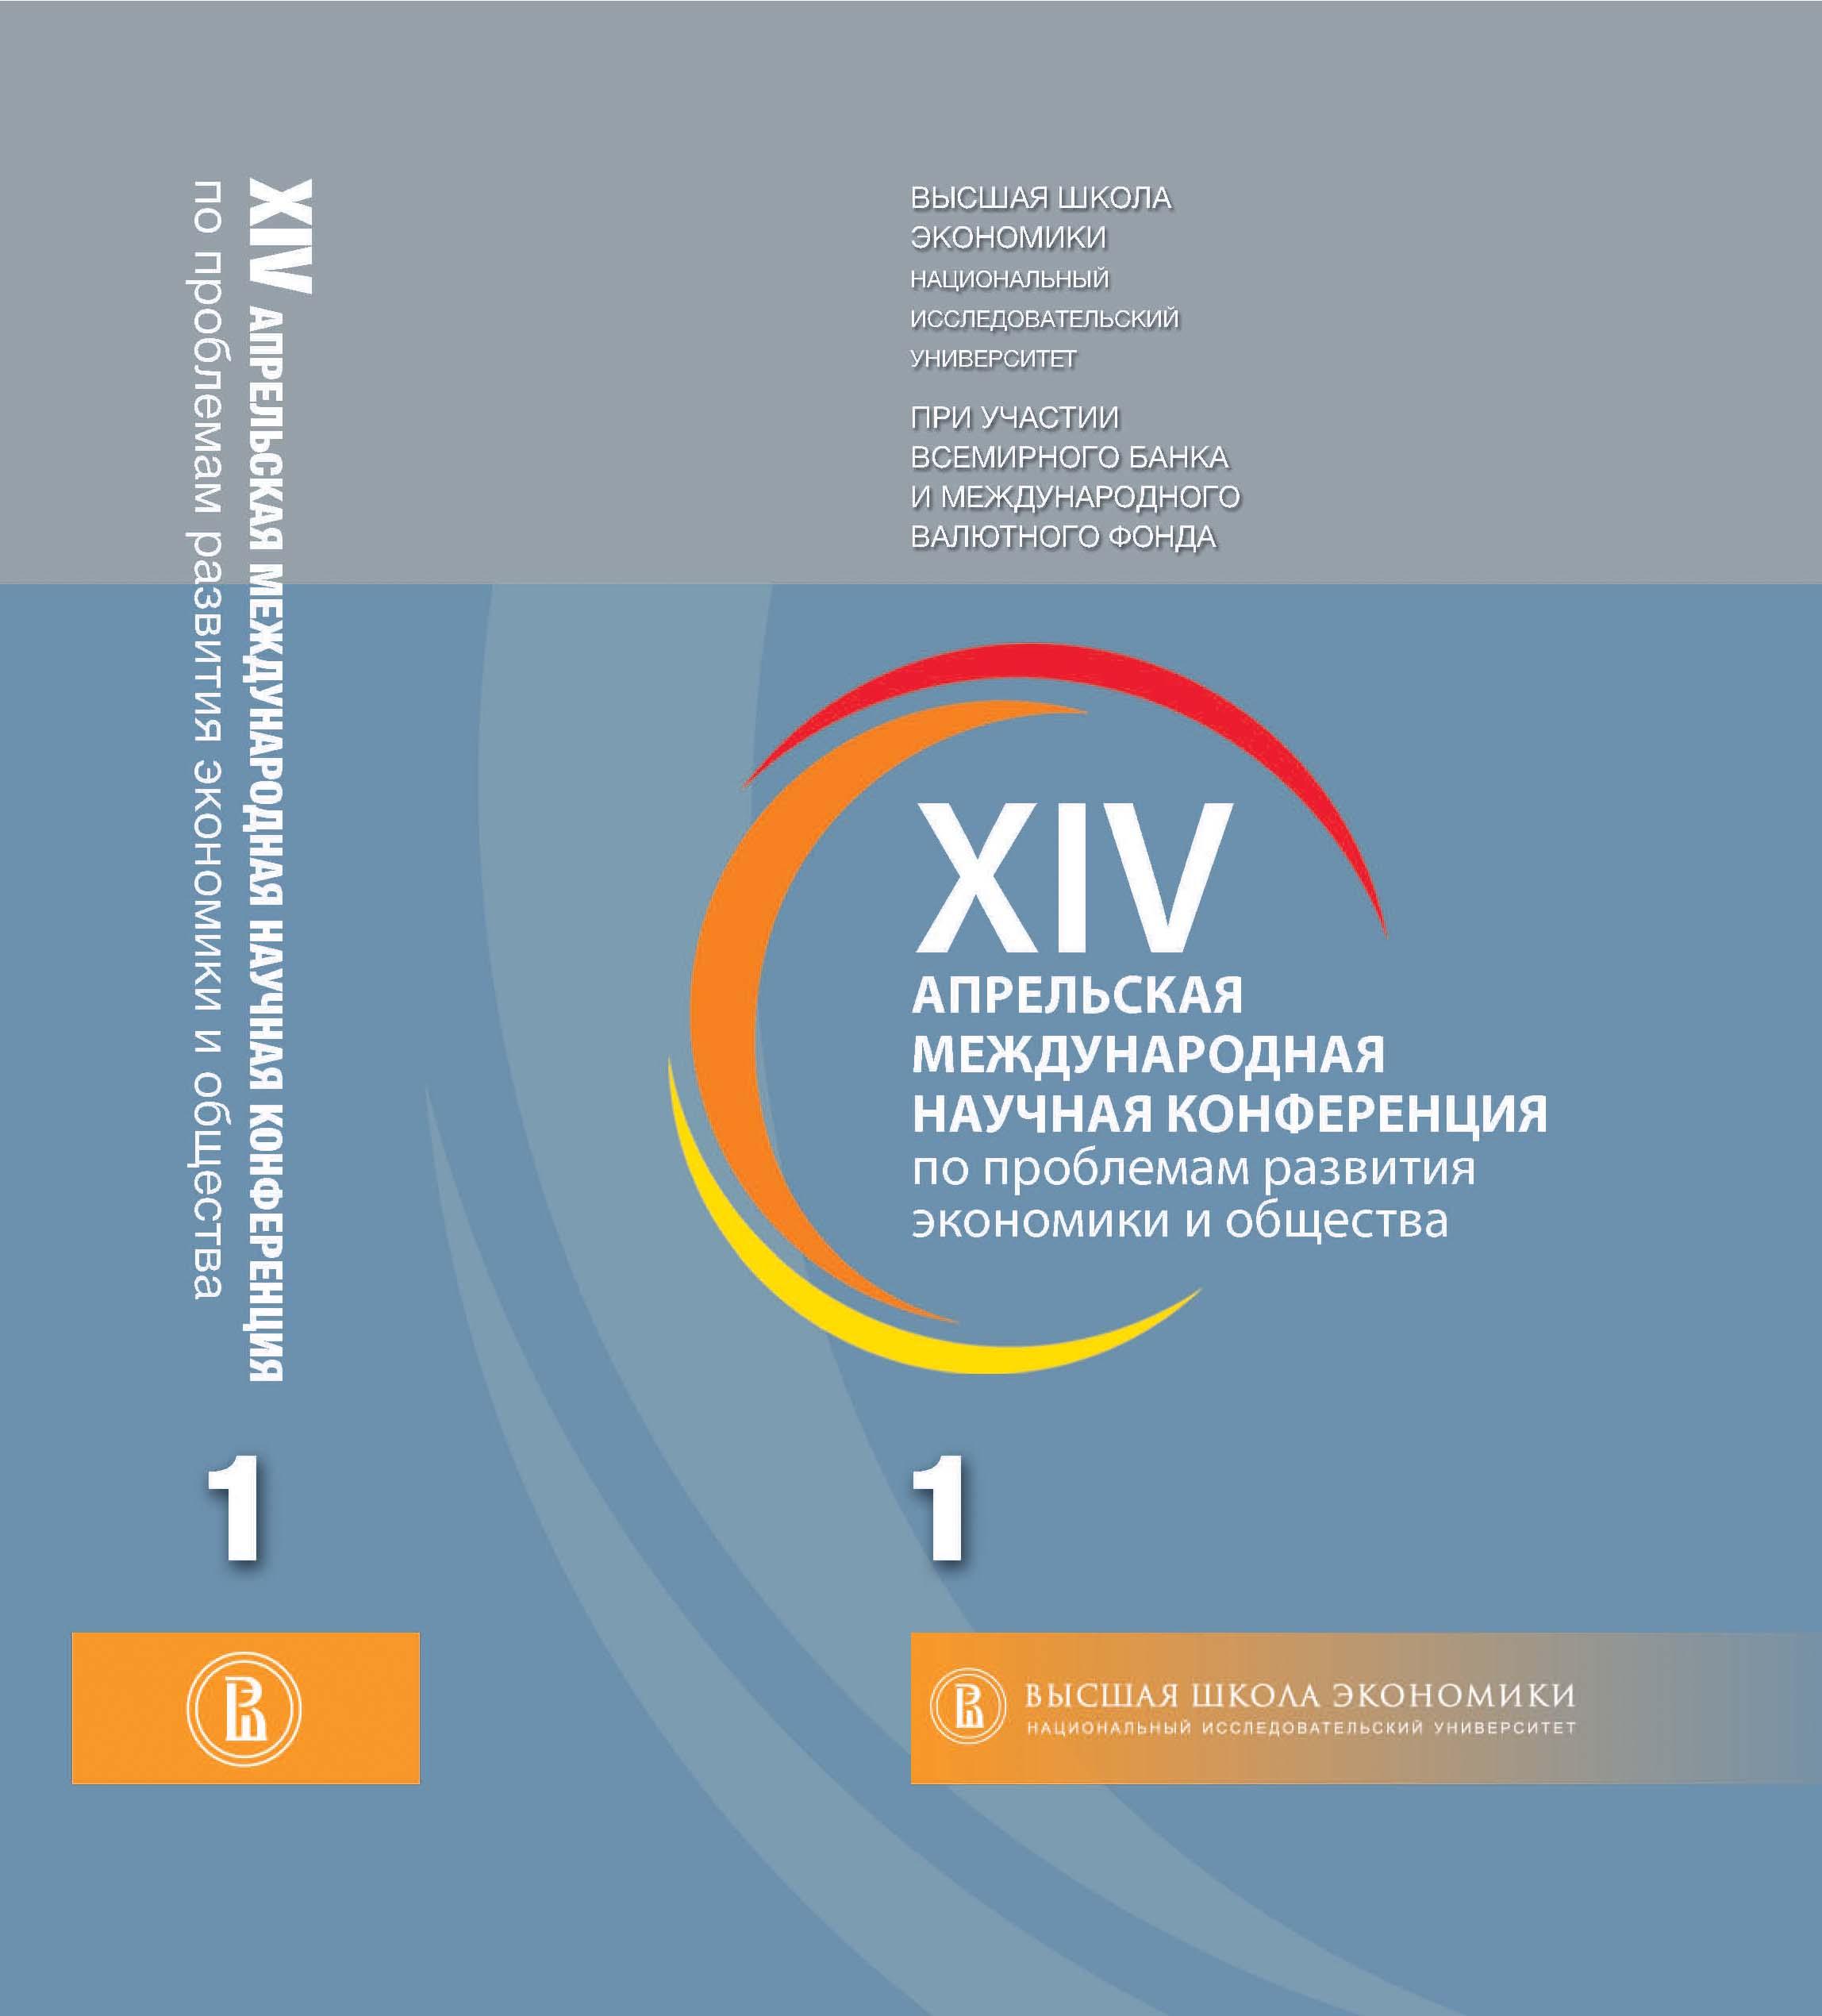 XIV Апрельская международная научная конференция по проблемам развития экономики и общества: в 4-х книгах. Книга 1